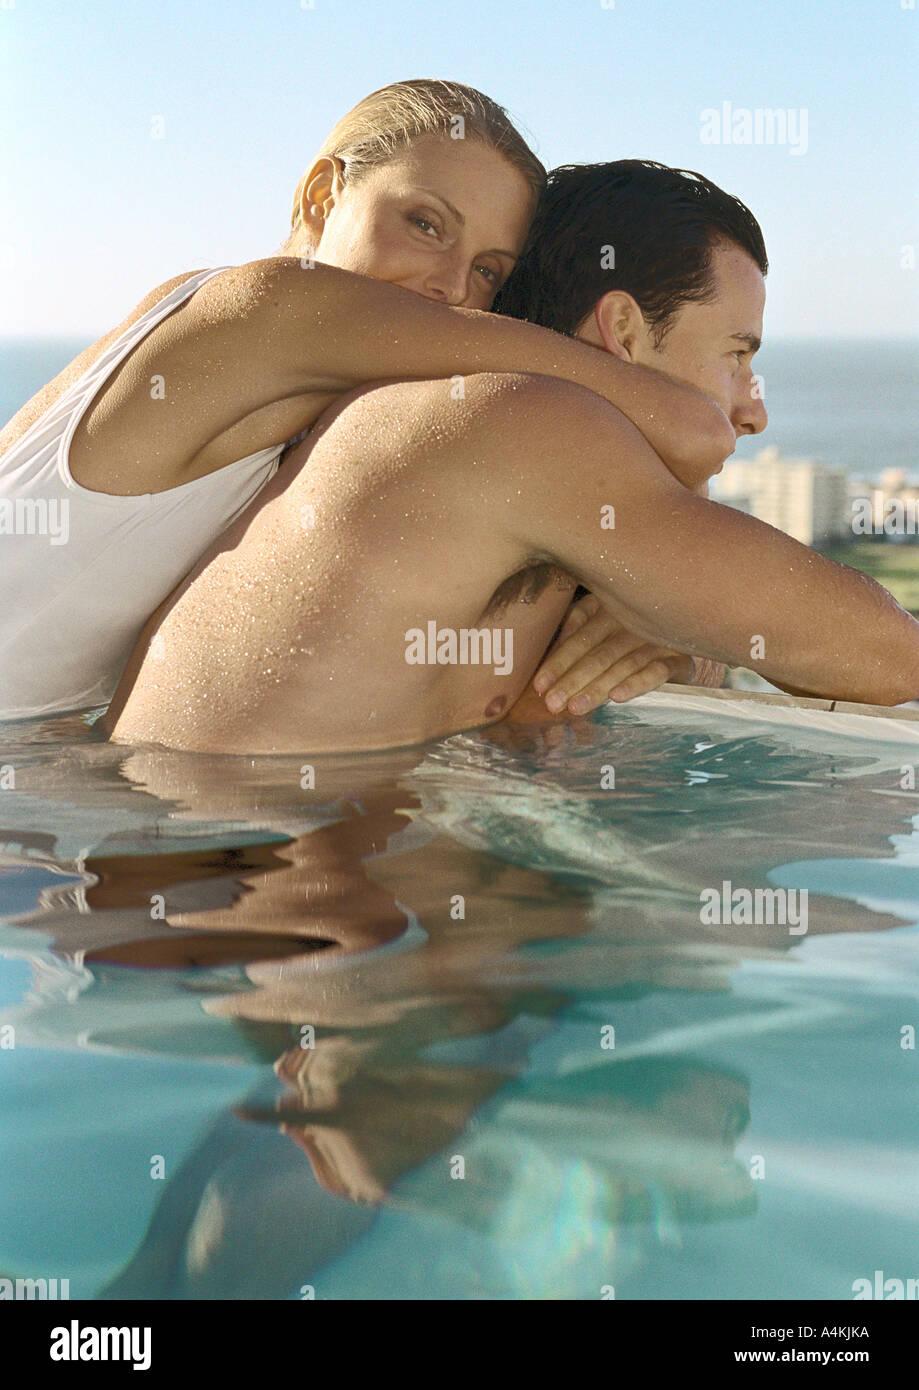 Woman embracing man in pool Photo Stock